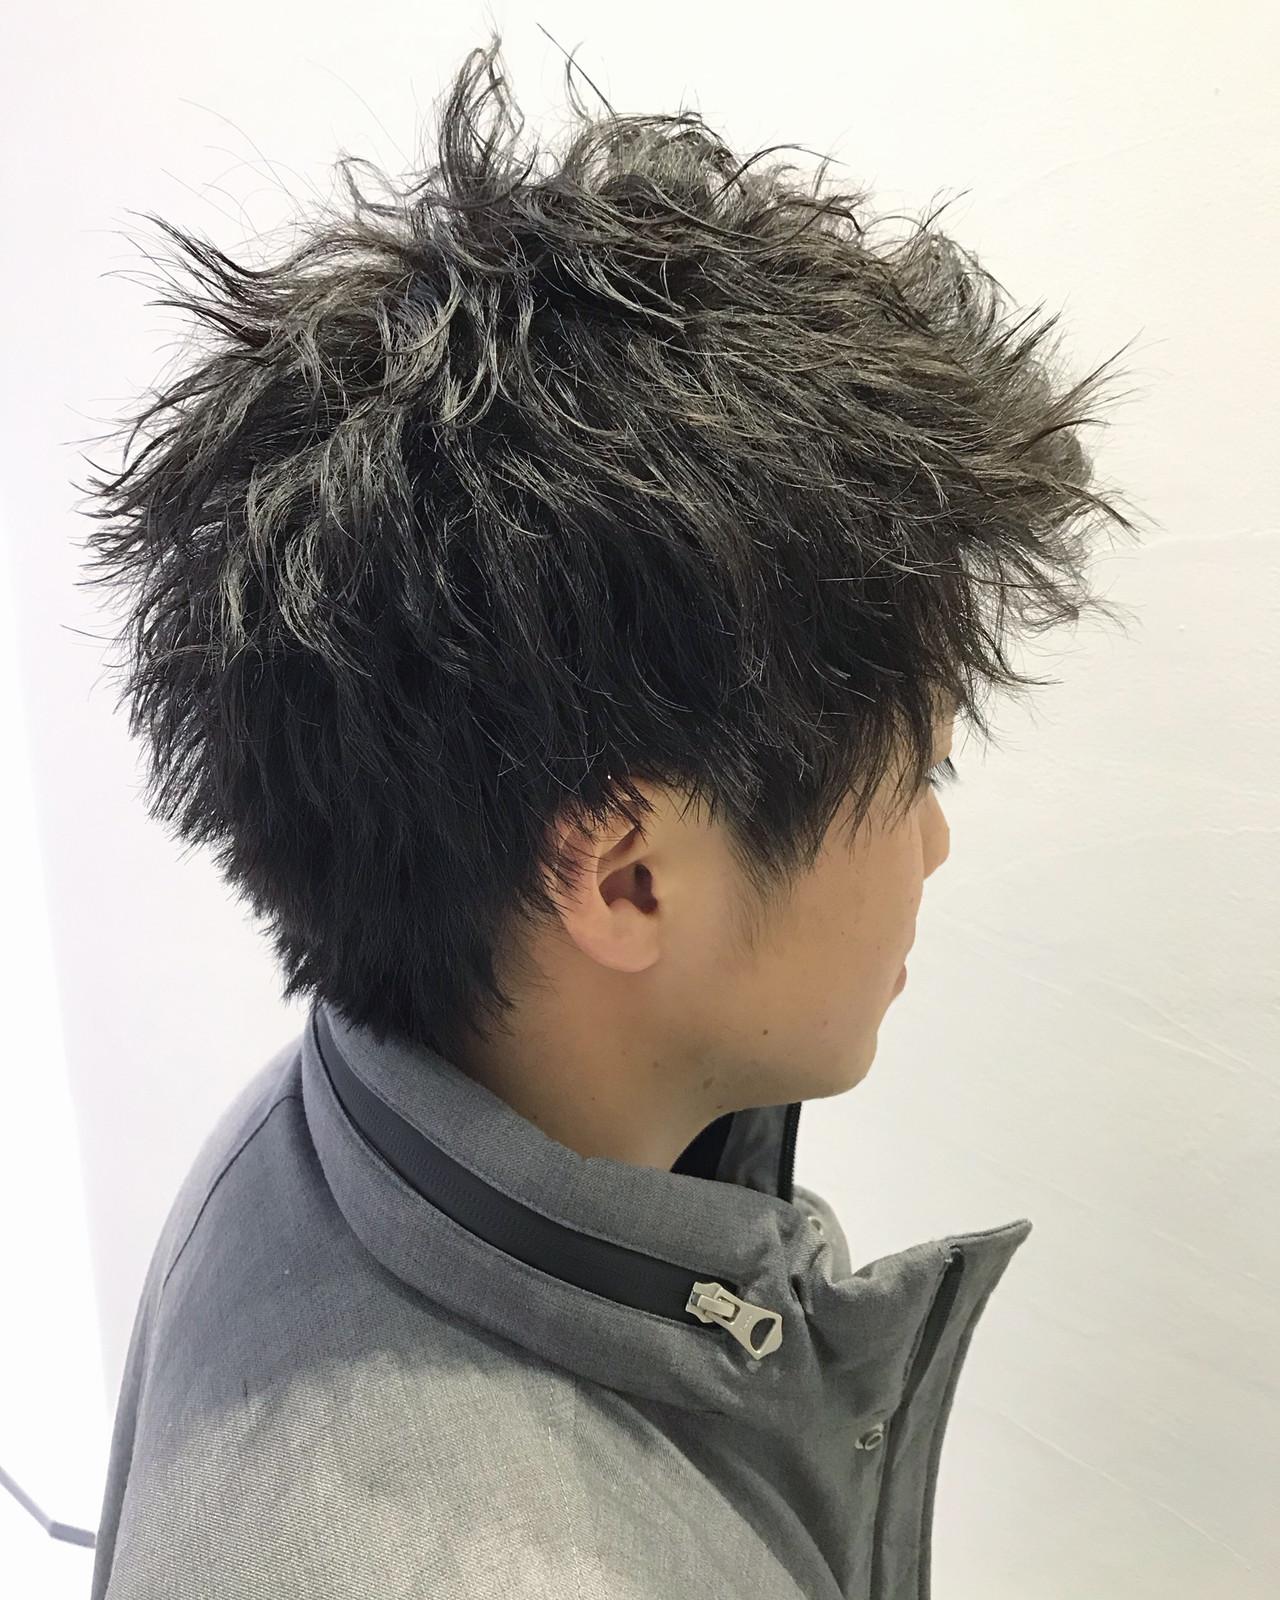 メンズパーマ メンズカジュアル メンズカット ナチュラル ヘアスタイルや髪型の写真・画像 | Mino Takahiro / Agu hair cardinal 片町店